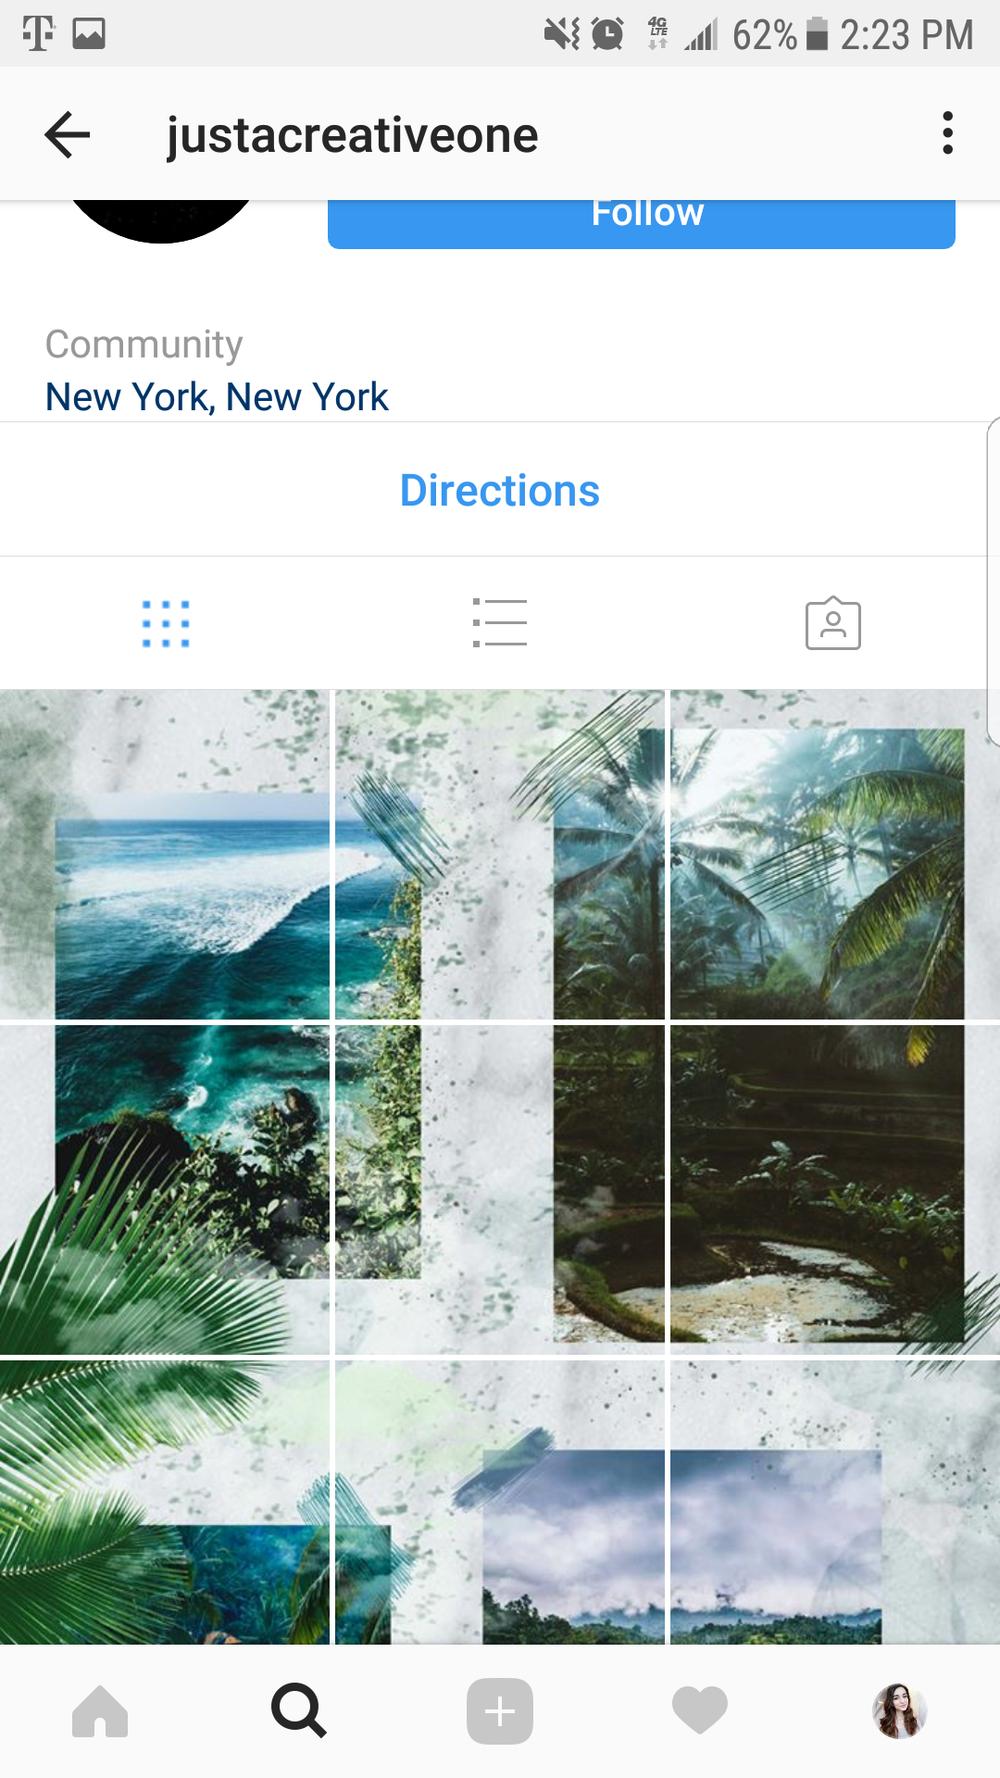 картинки по запросу Puzzle Feed инстаграм дизайн фирменного стиля дизайн приложения